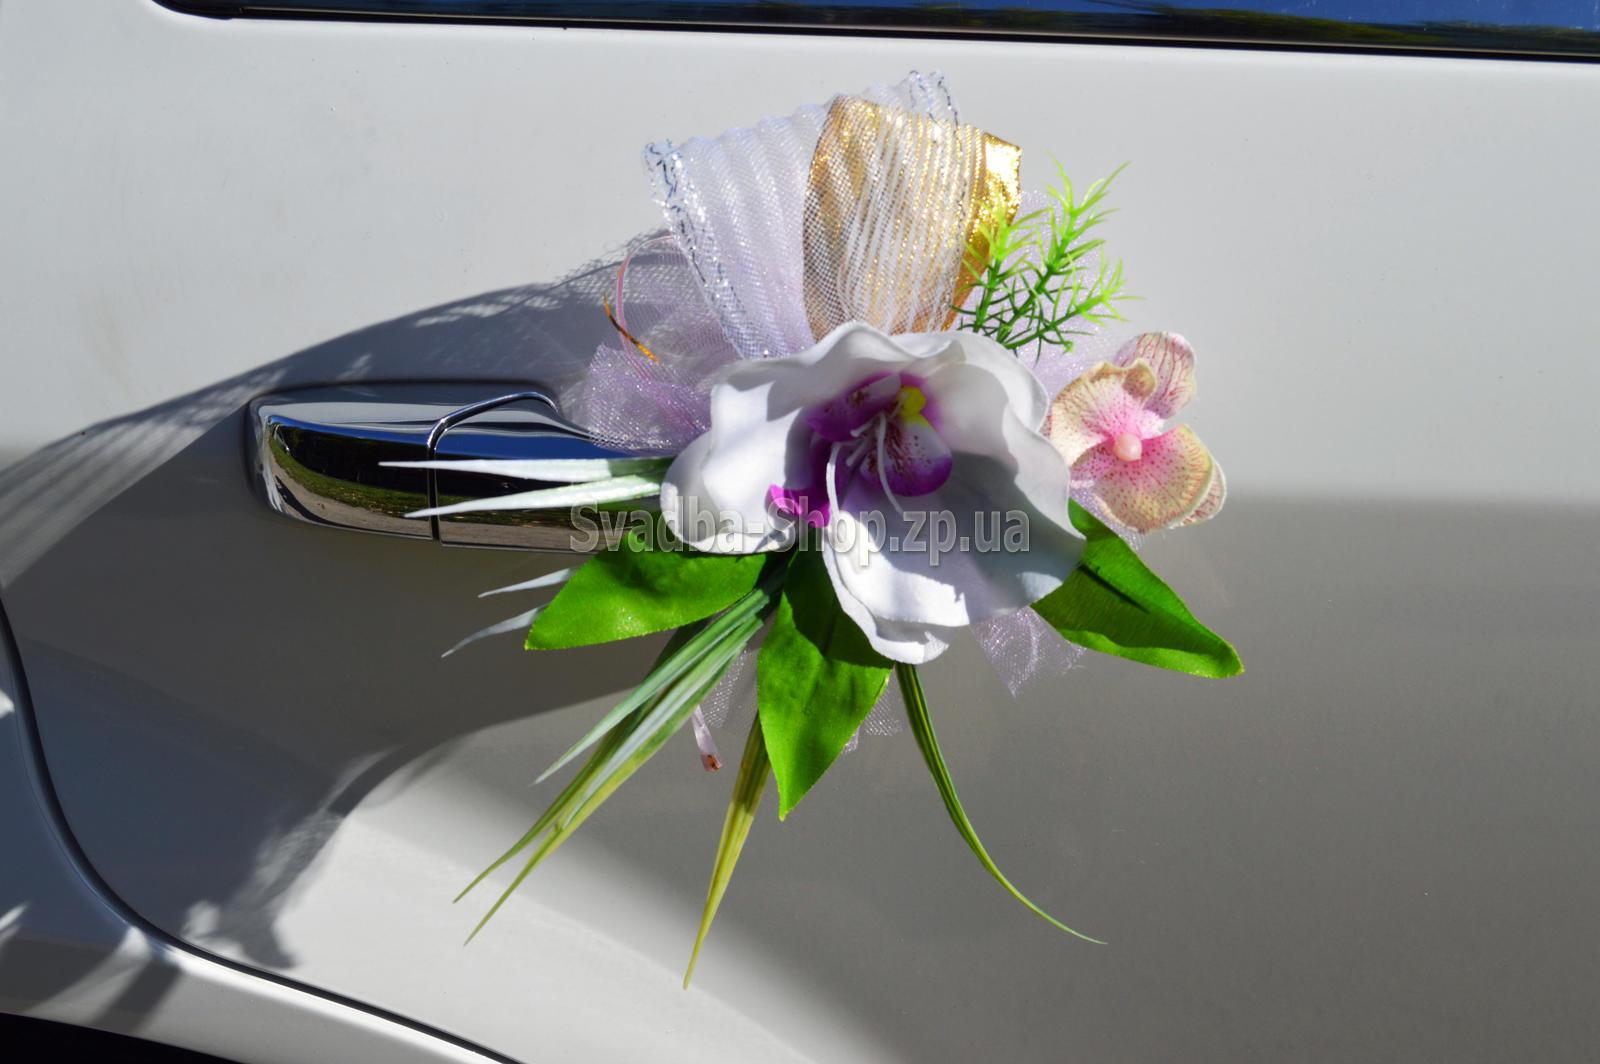 Банты на ручку машины своими руками фото